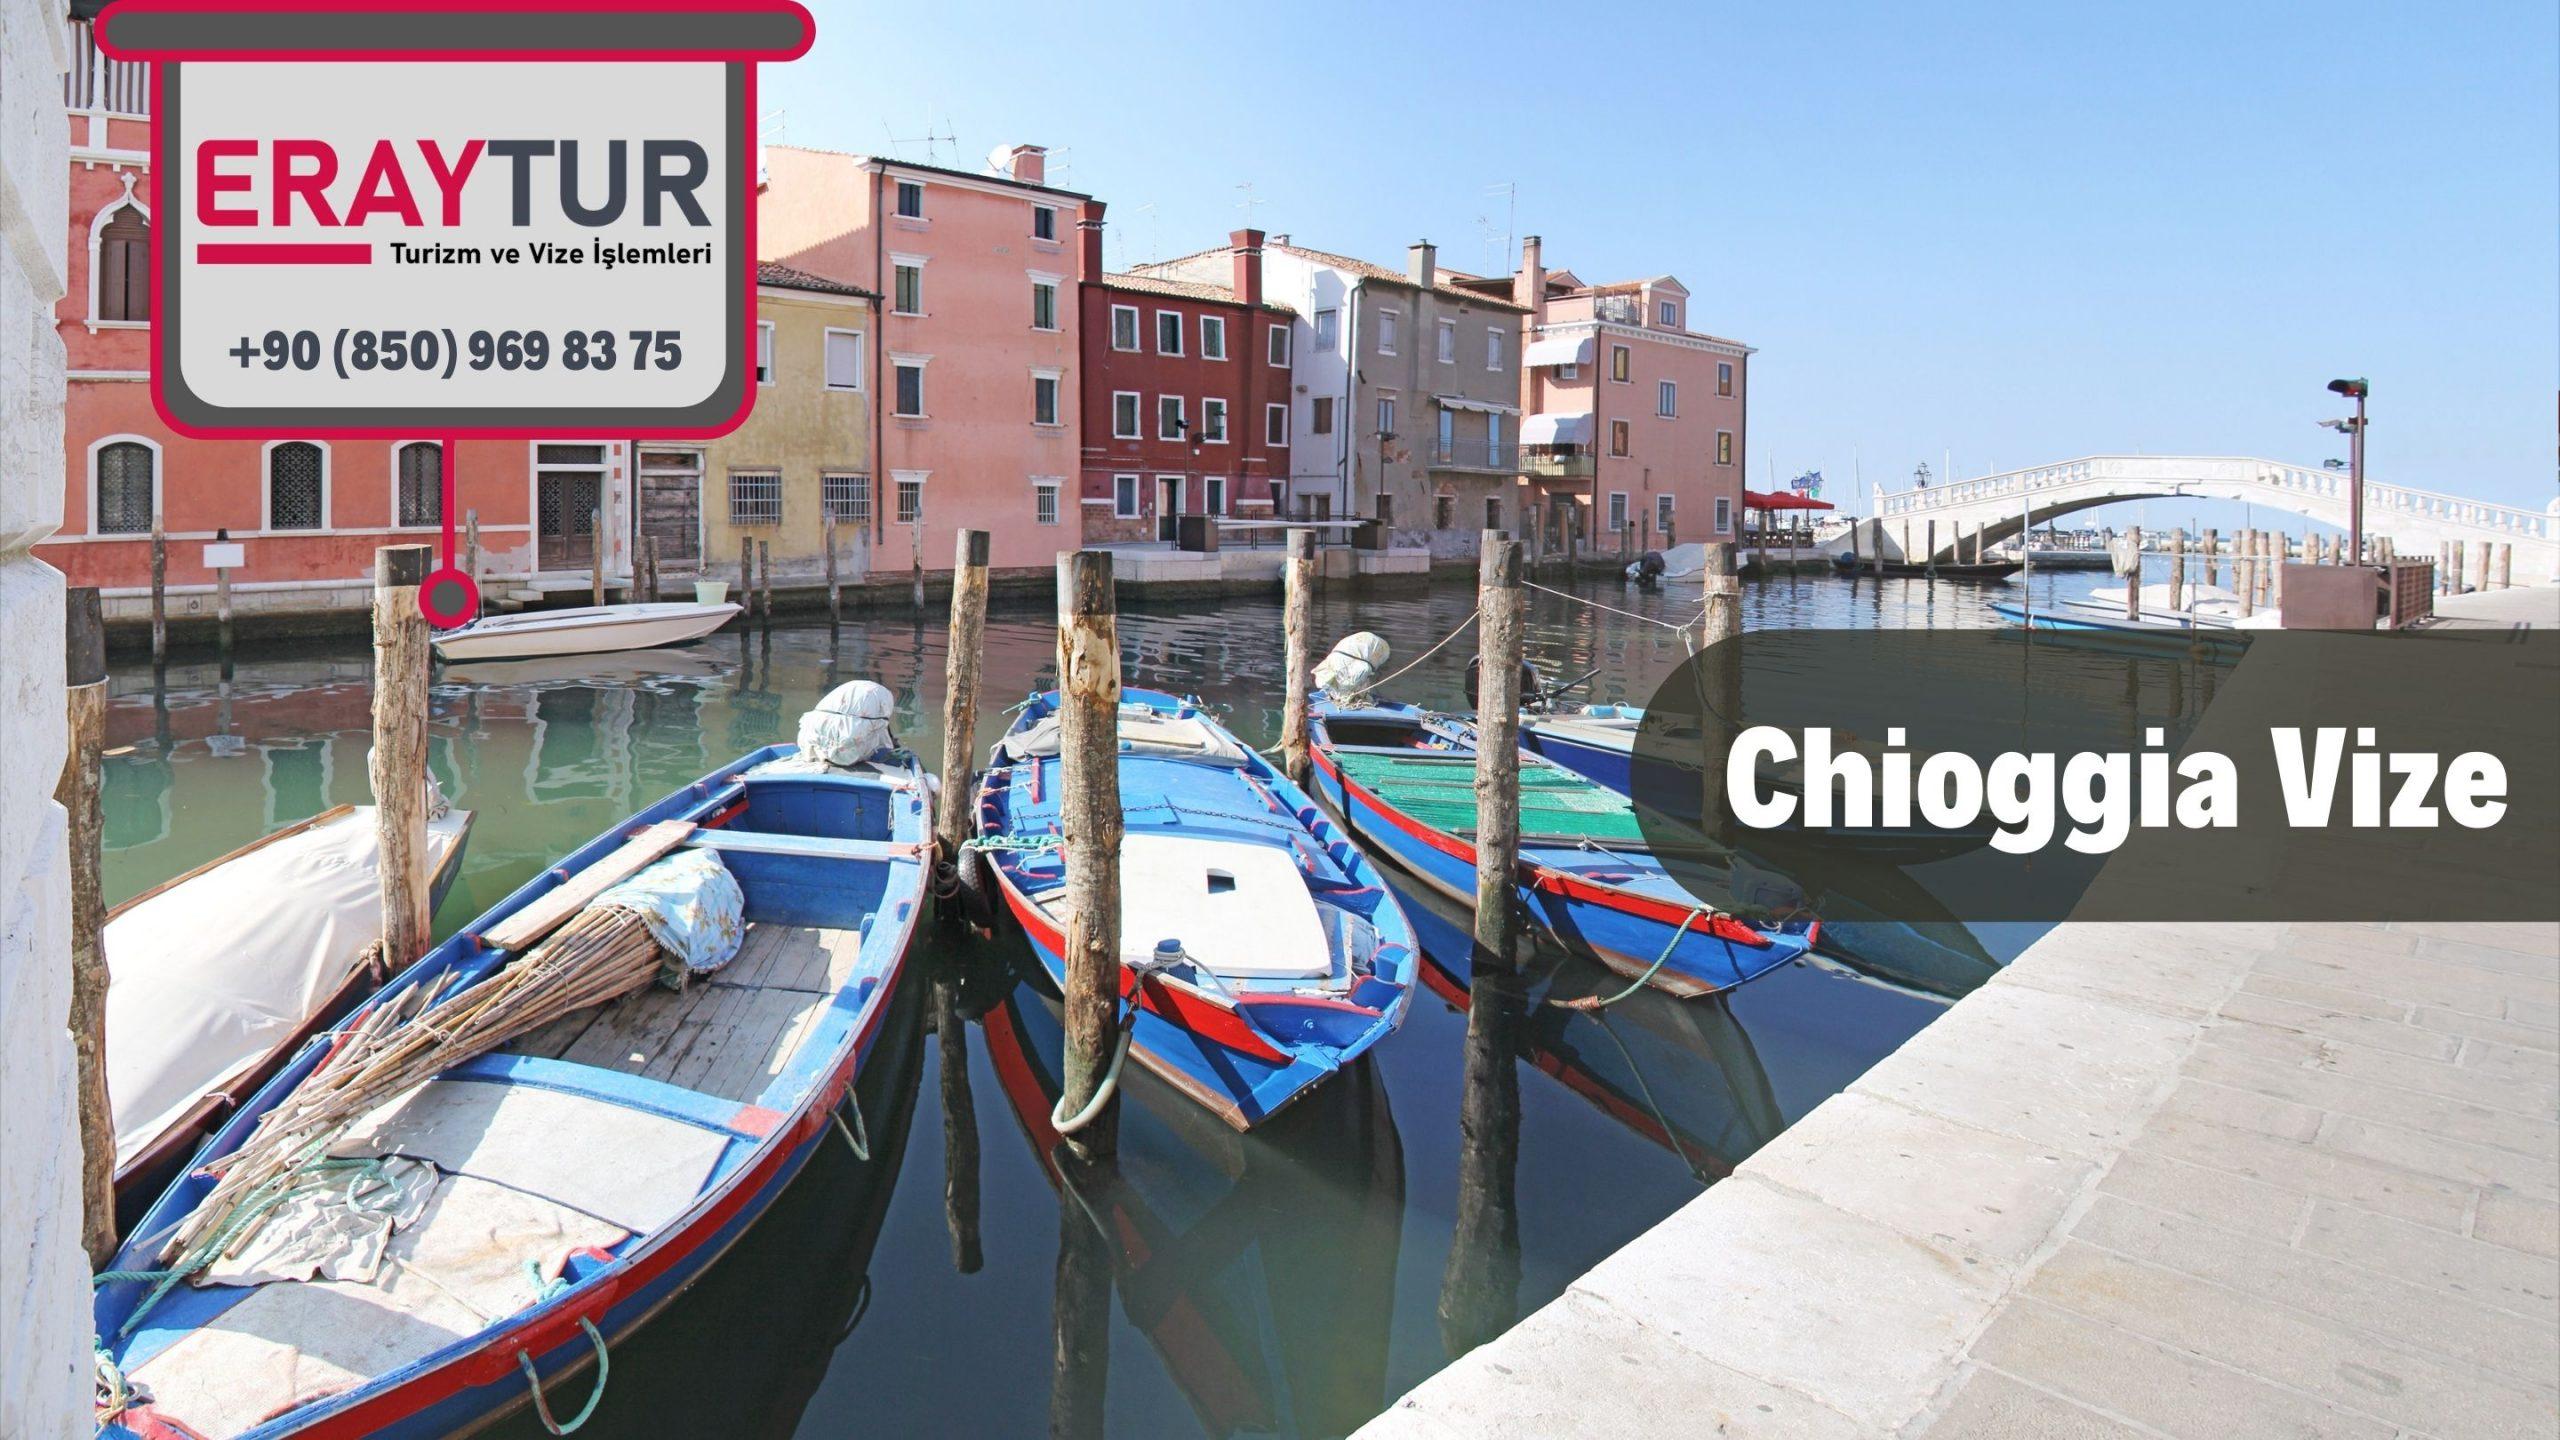 İtalya Chioggia Vize Başvurusu